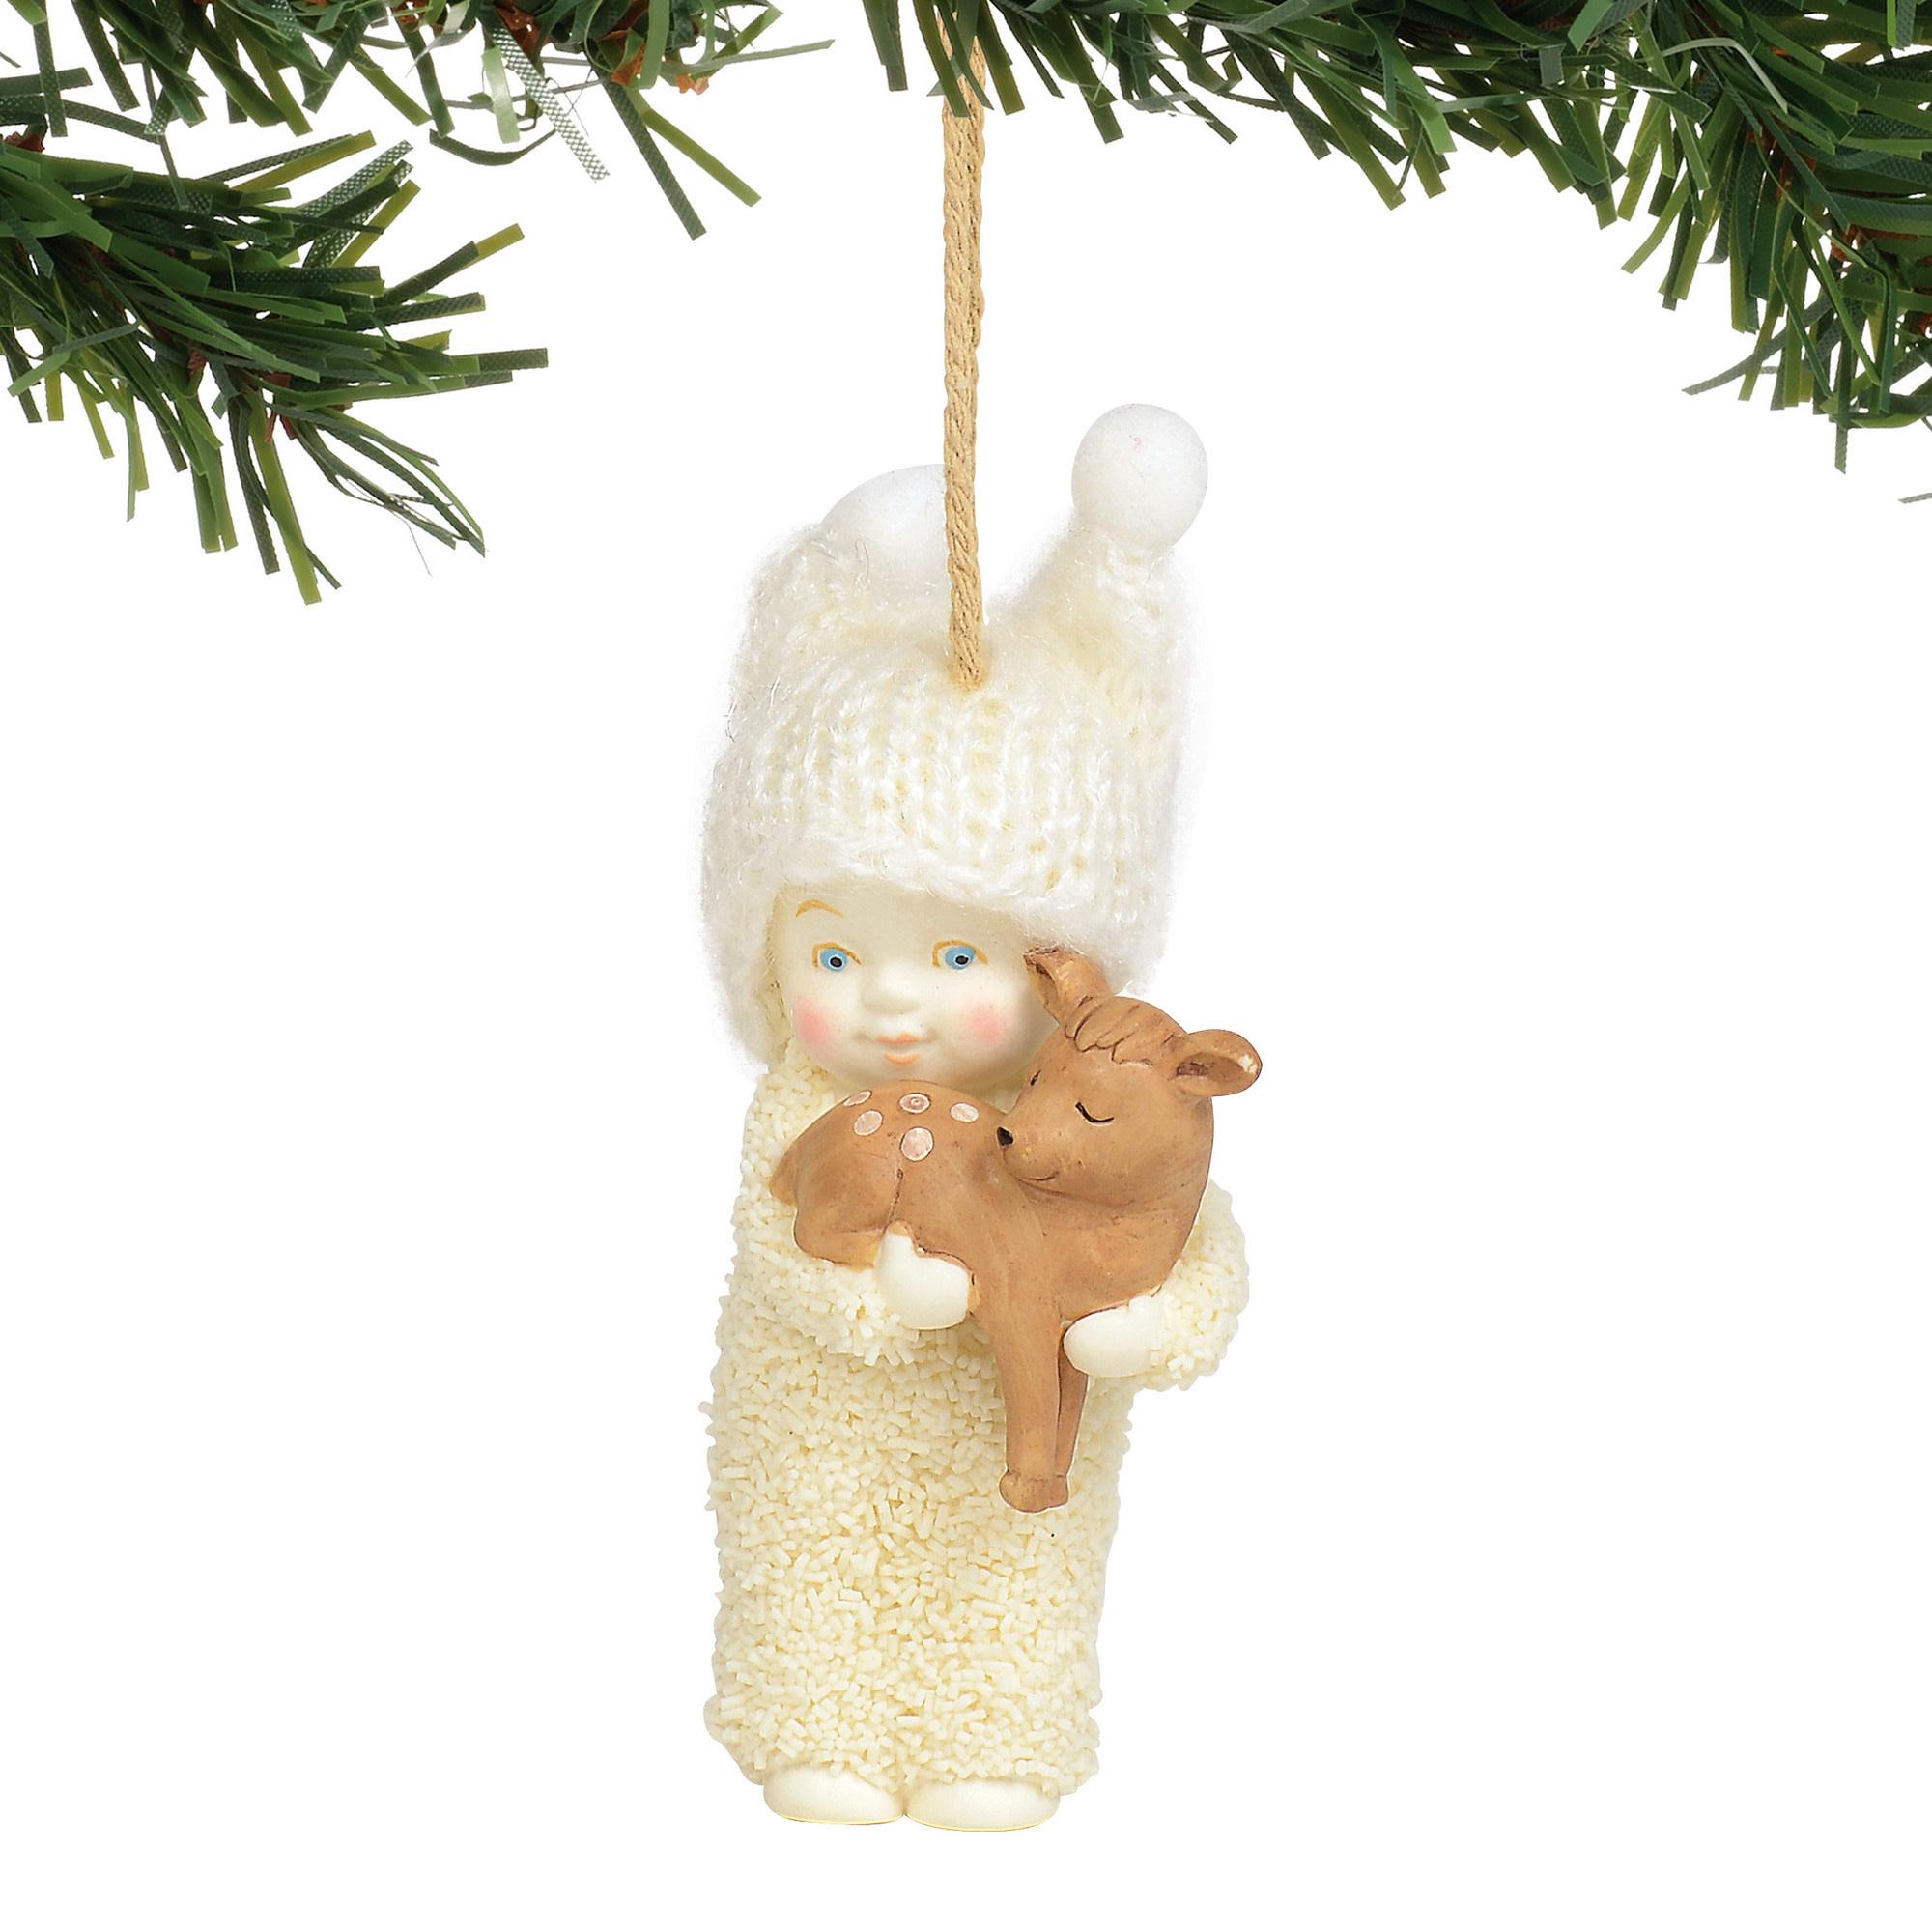 Snowbabies Peaceful Kingdom Deer Ornament